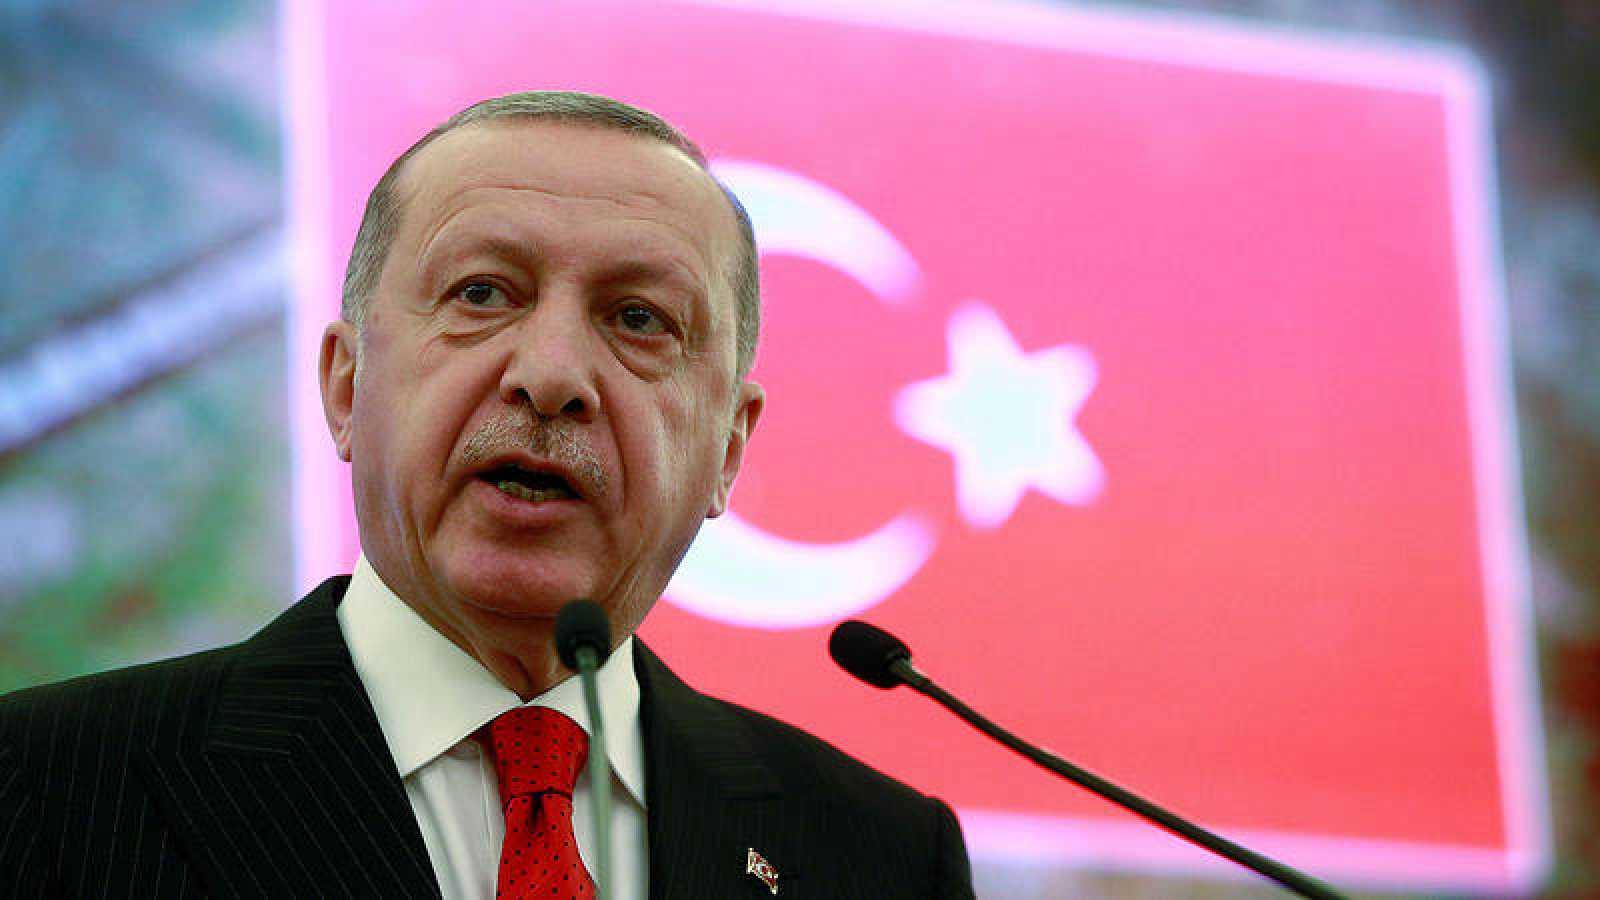 El presidente turco,Recep Tayyip Erdogan, durante un acto este lunes en Ankara.